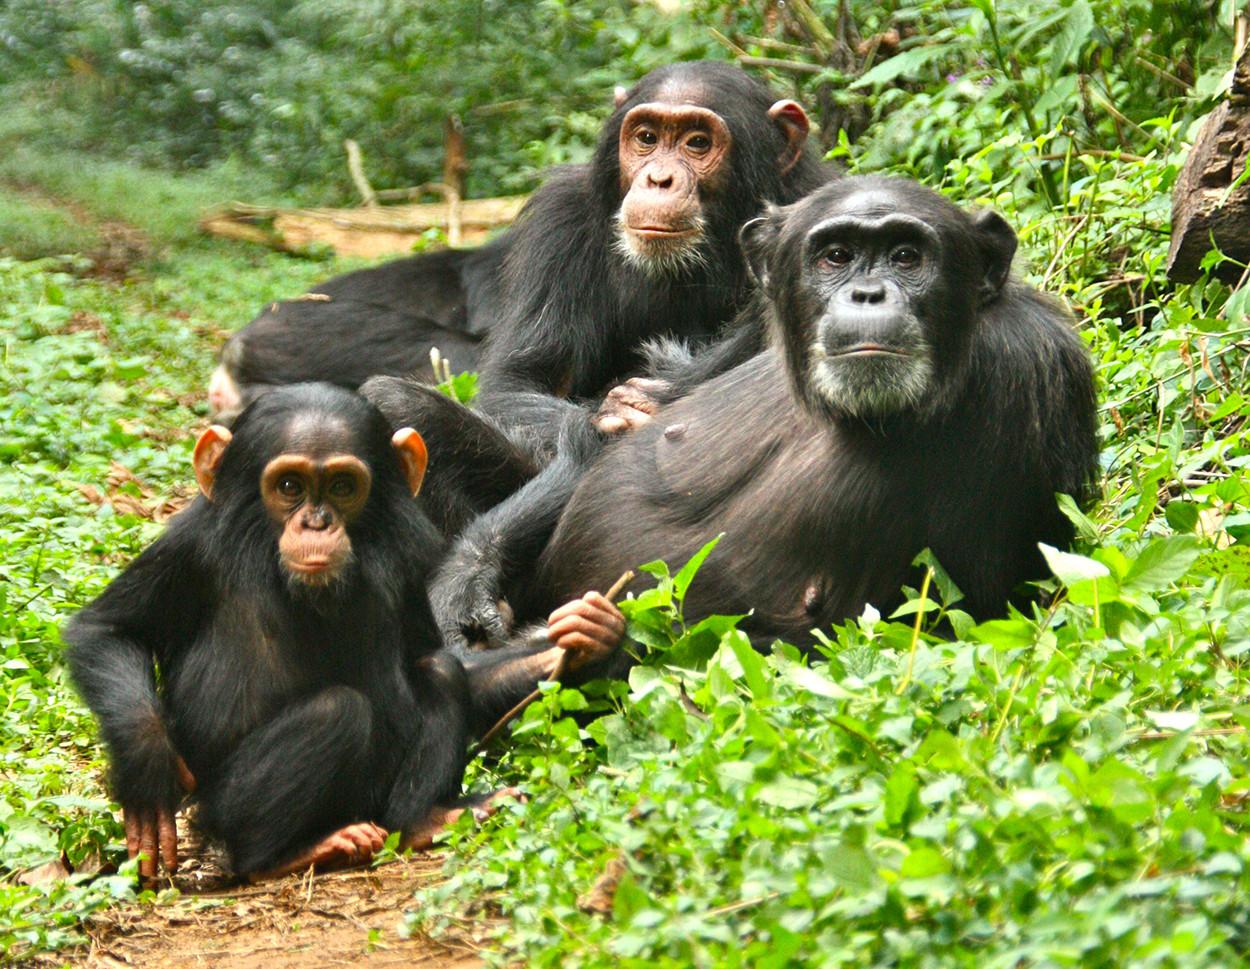 Les arbres sont ma cachette Chimpanzees-in-kibale-forest